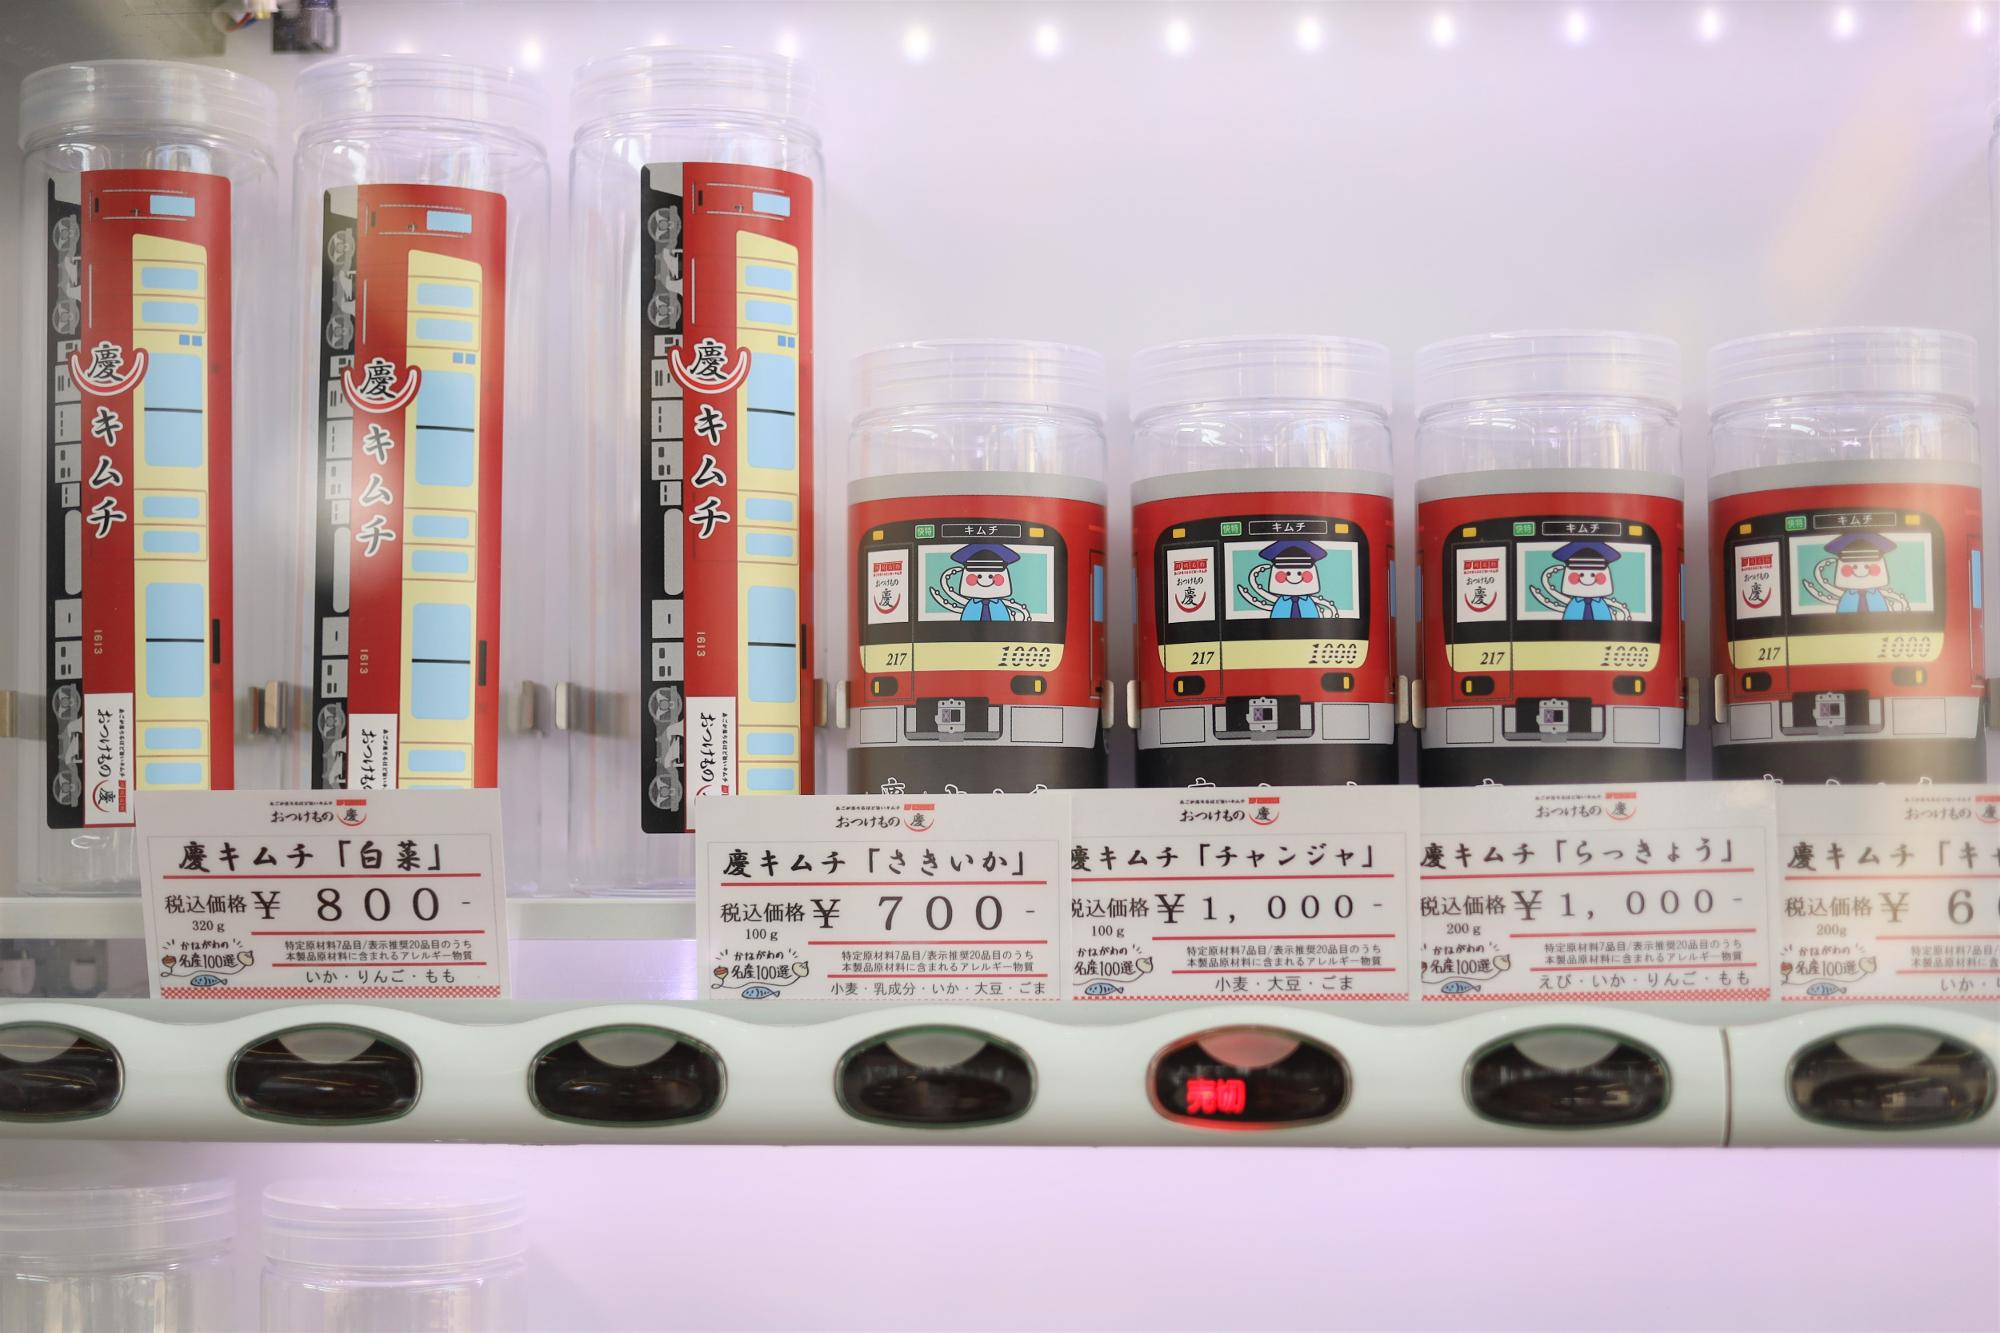 赤い電車とイカ車掌さんがイラストに描かれたパッケージ。ボトルリユース事業はエコかつお子さんもうれしい取り組み